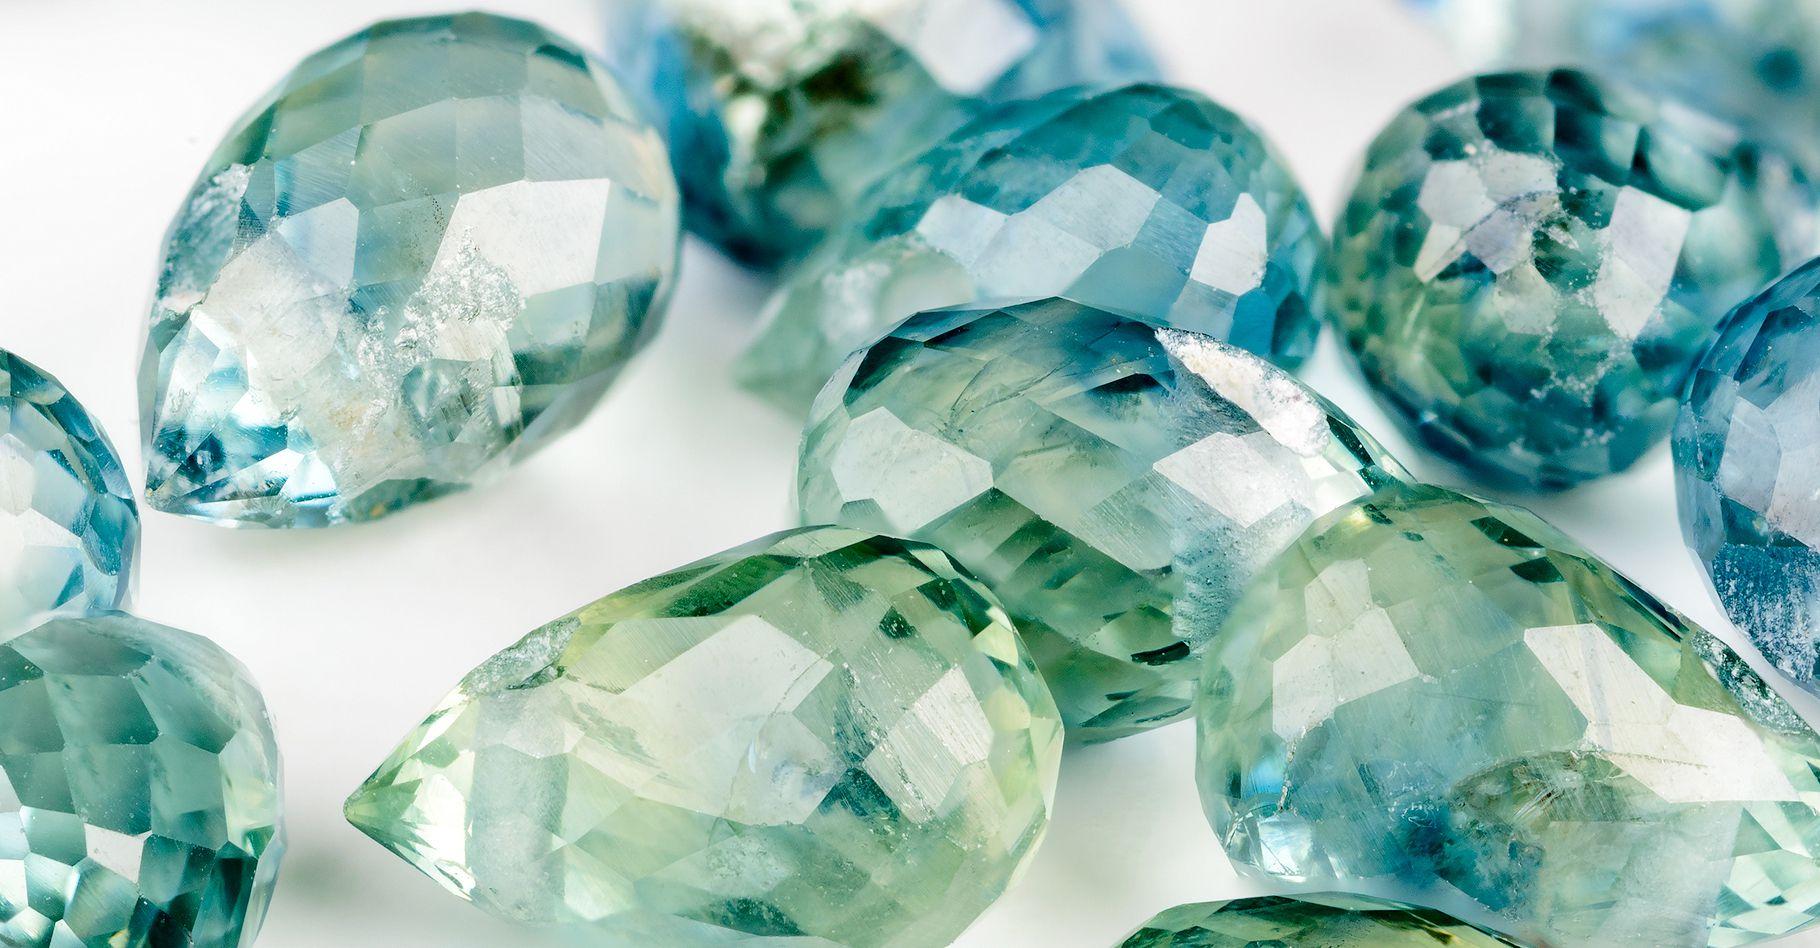 Les pérovskites, ces pierres précieuses du solaire photovoltaïque